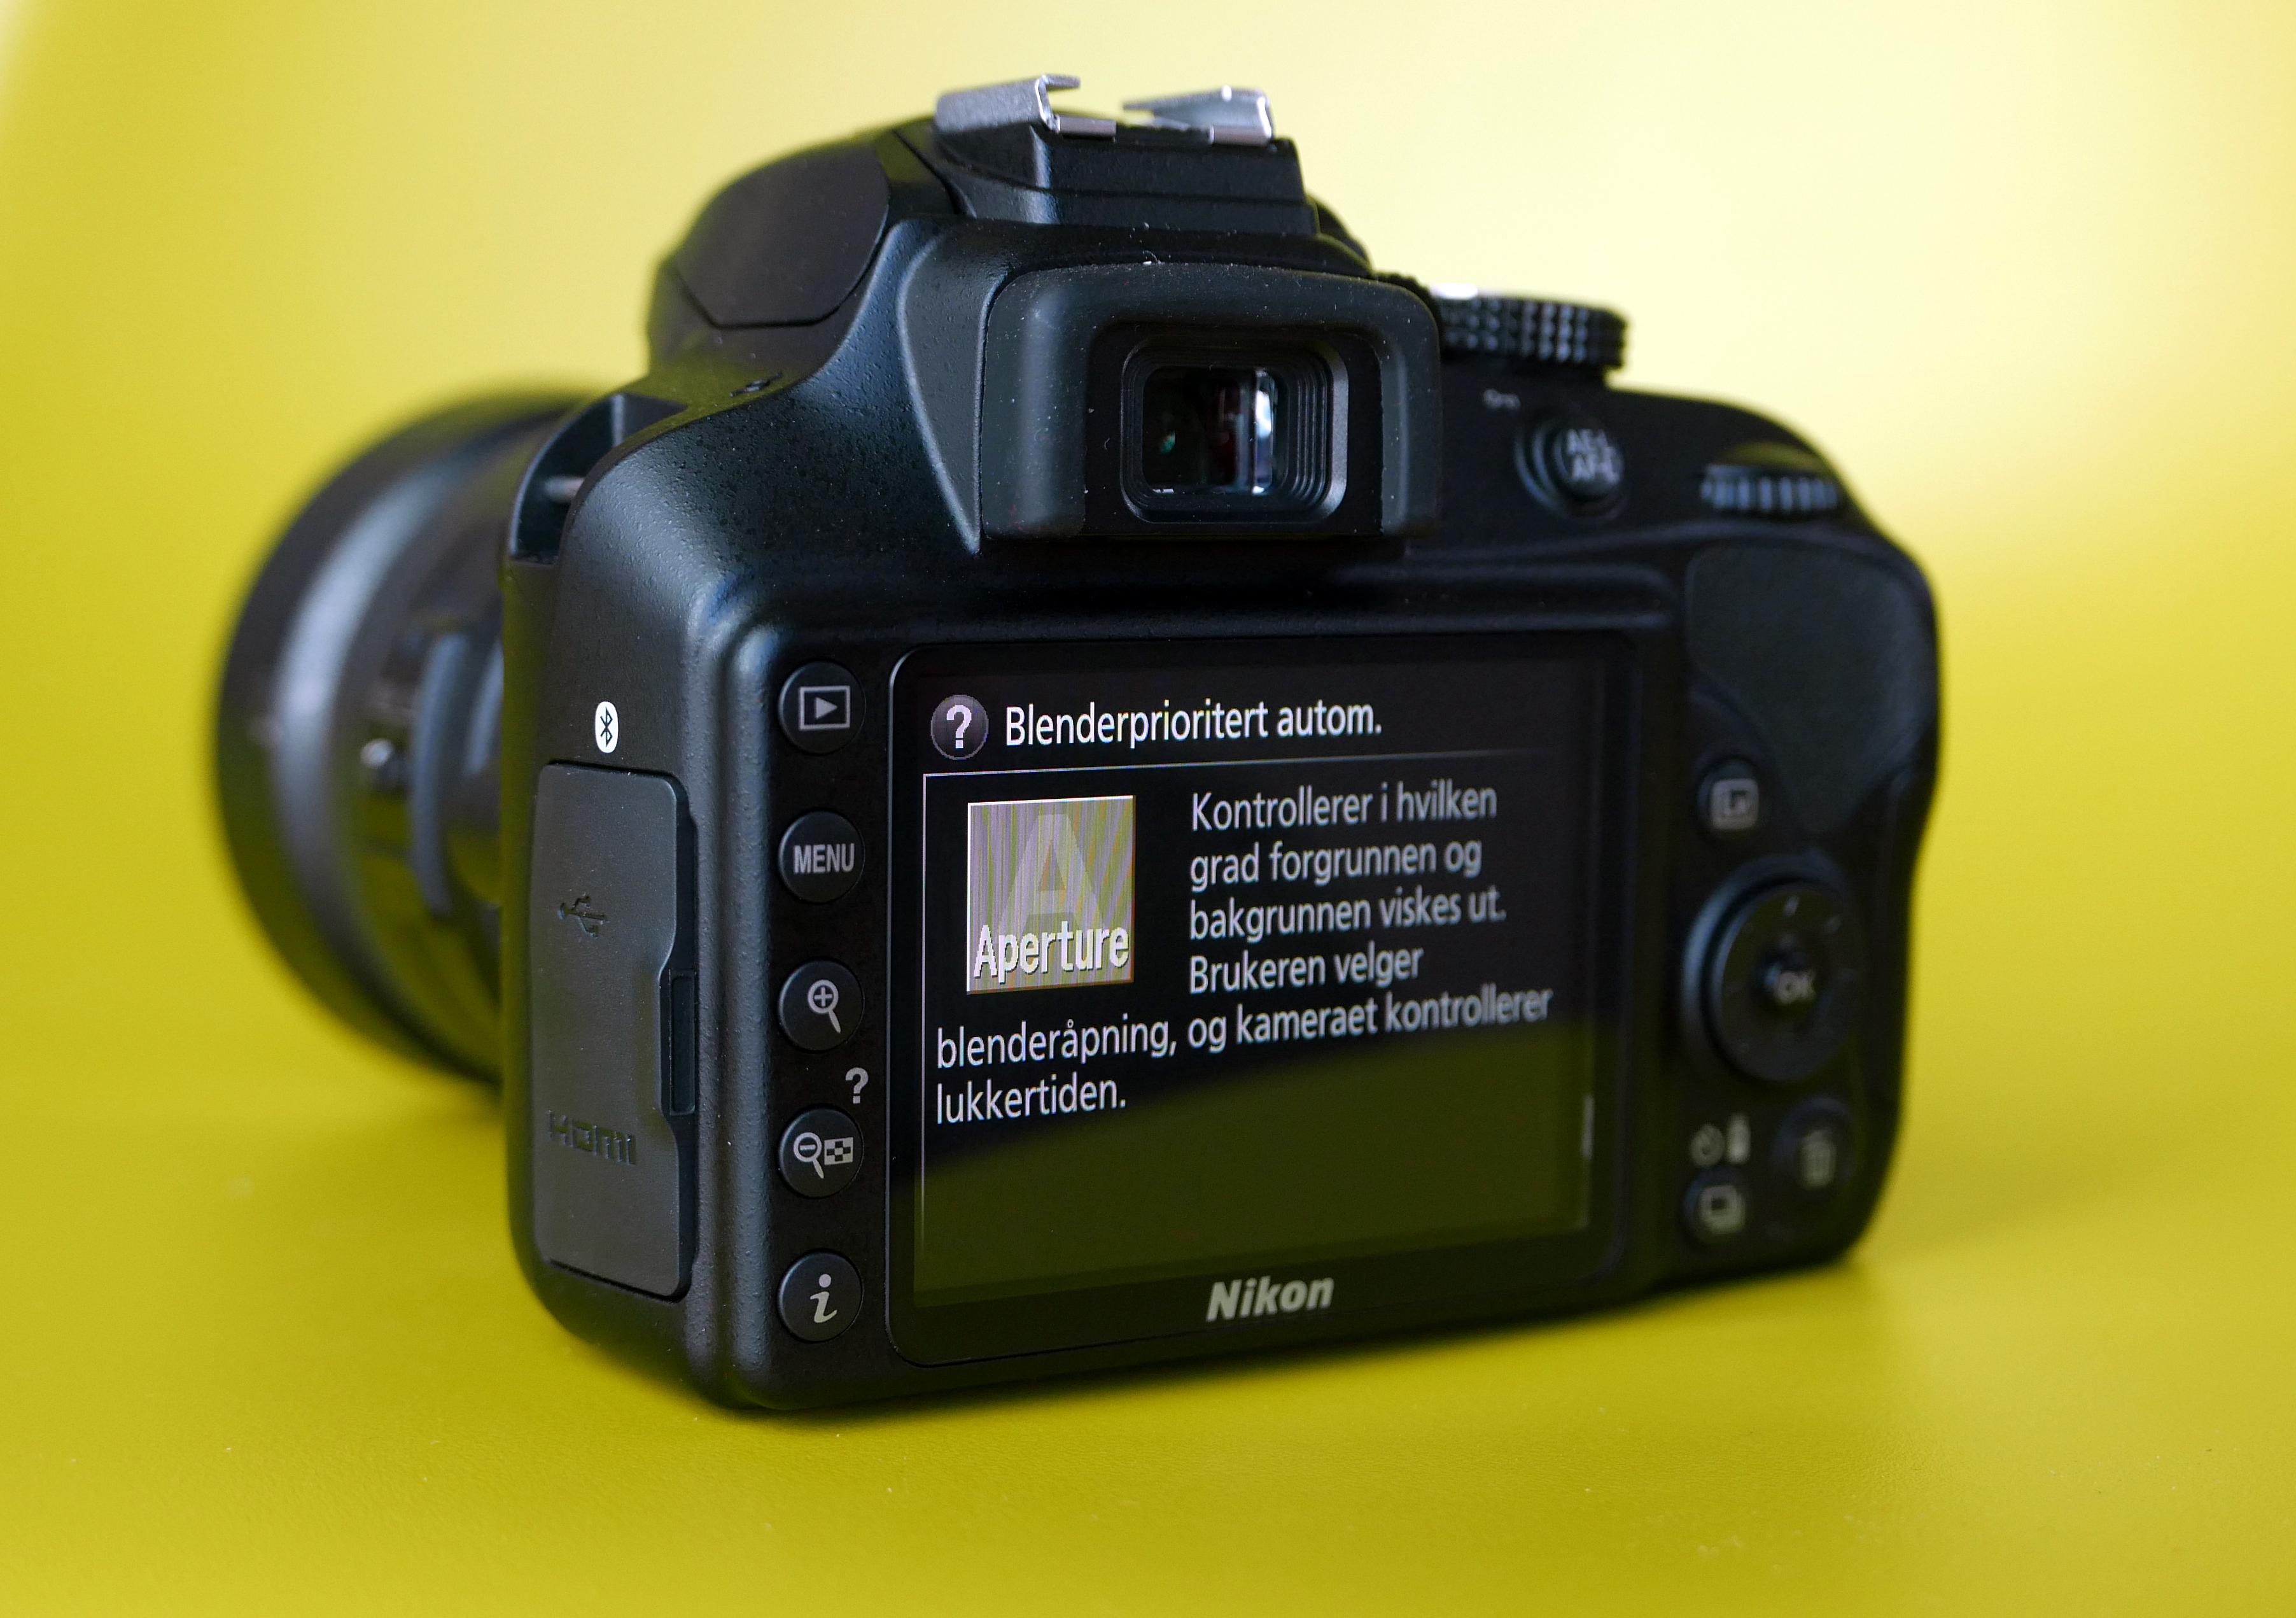 (Foto: Lasse Svendsen) En av fordelene med Nikon-kameraet, er hvor enkelt det er å lære å få finere bilder med det.